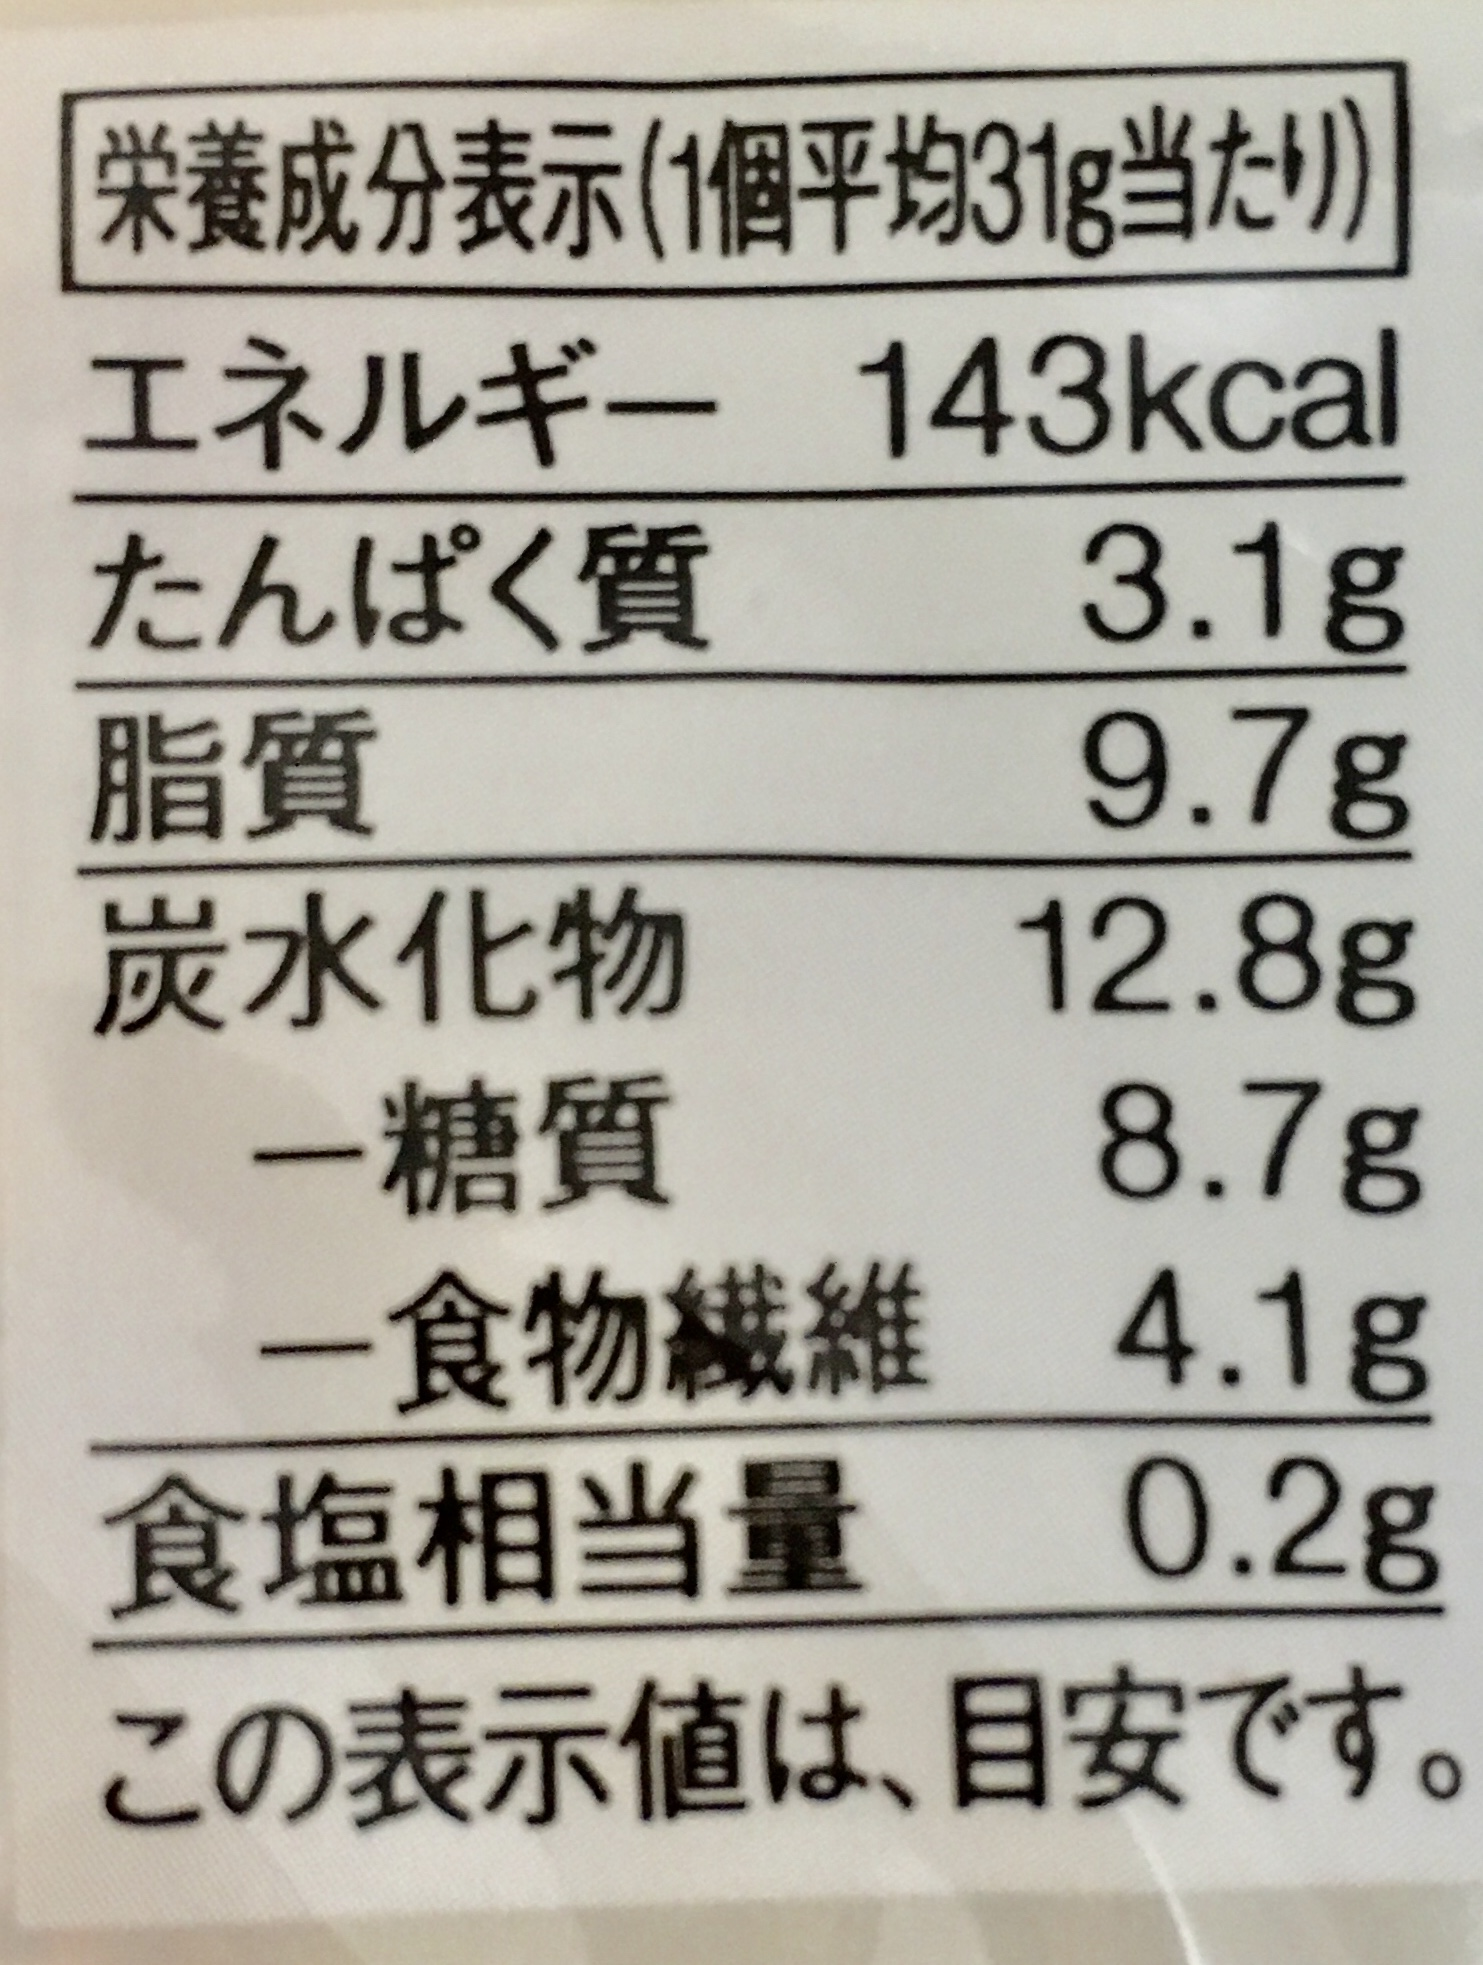 無印良品の糖質10g以下のお菓子 キャラメルドーナツの栄養成分表示